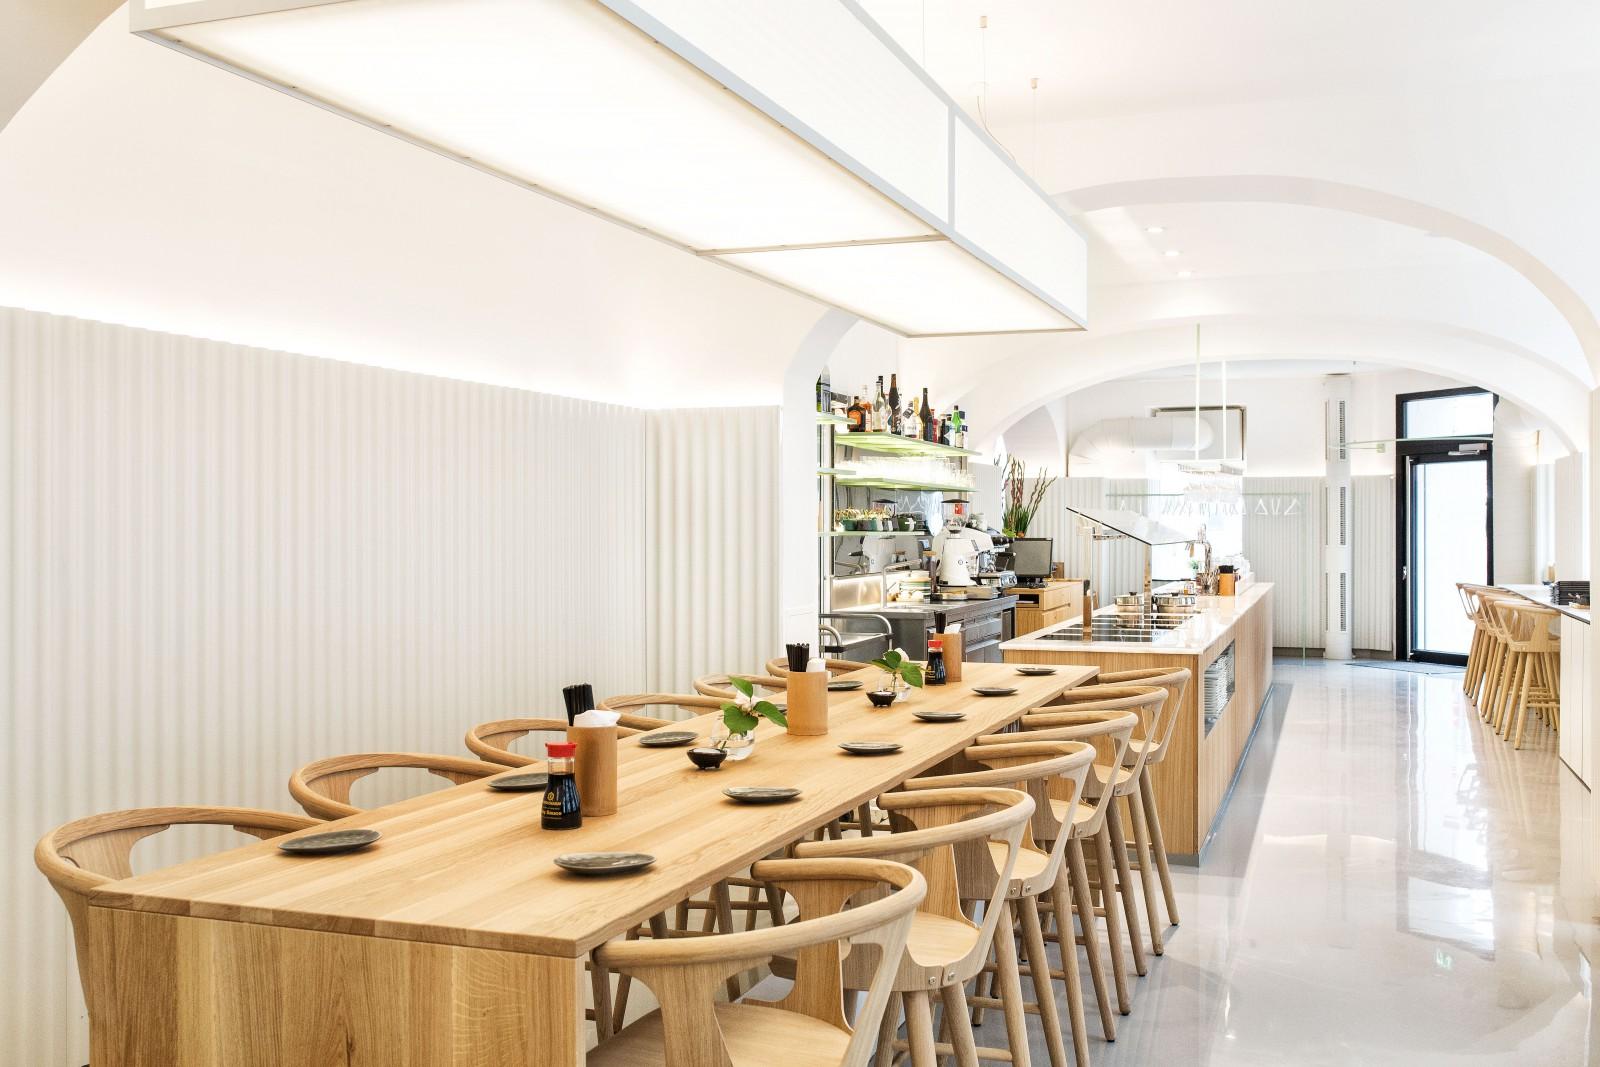 Schön Restaurant Koch Erfahrung Lebenslauf Fotos - Beispiel ...